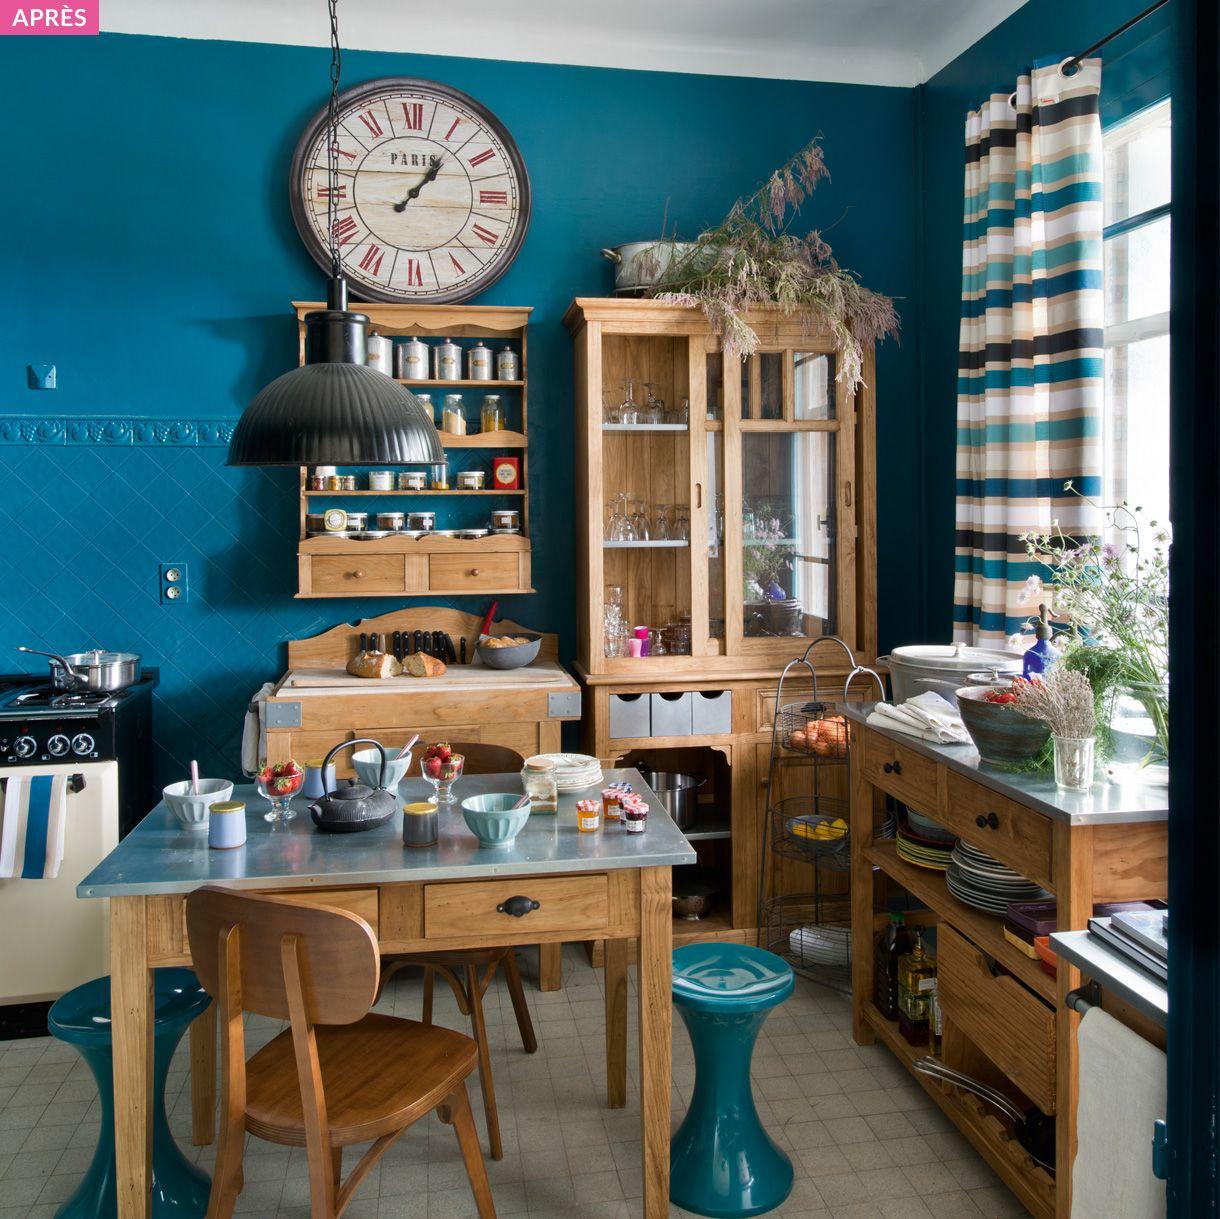 Comment relooker une cuisine ancienne cuisine - Decoration cuisine contemporaine ...